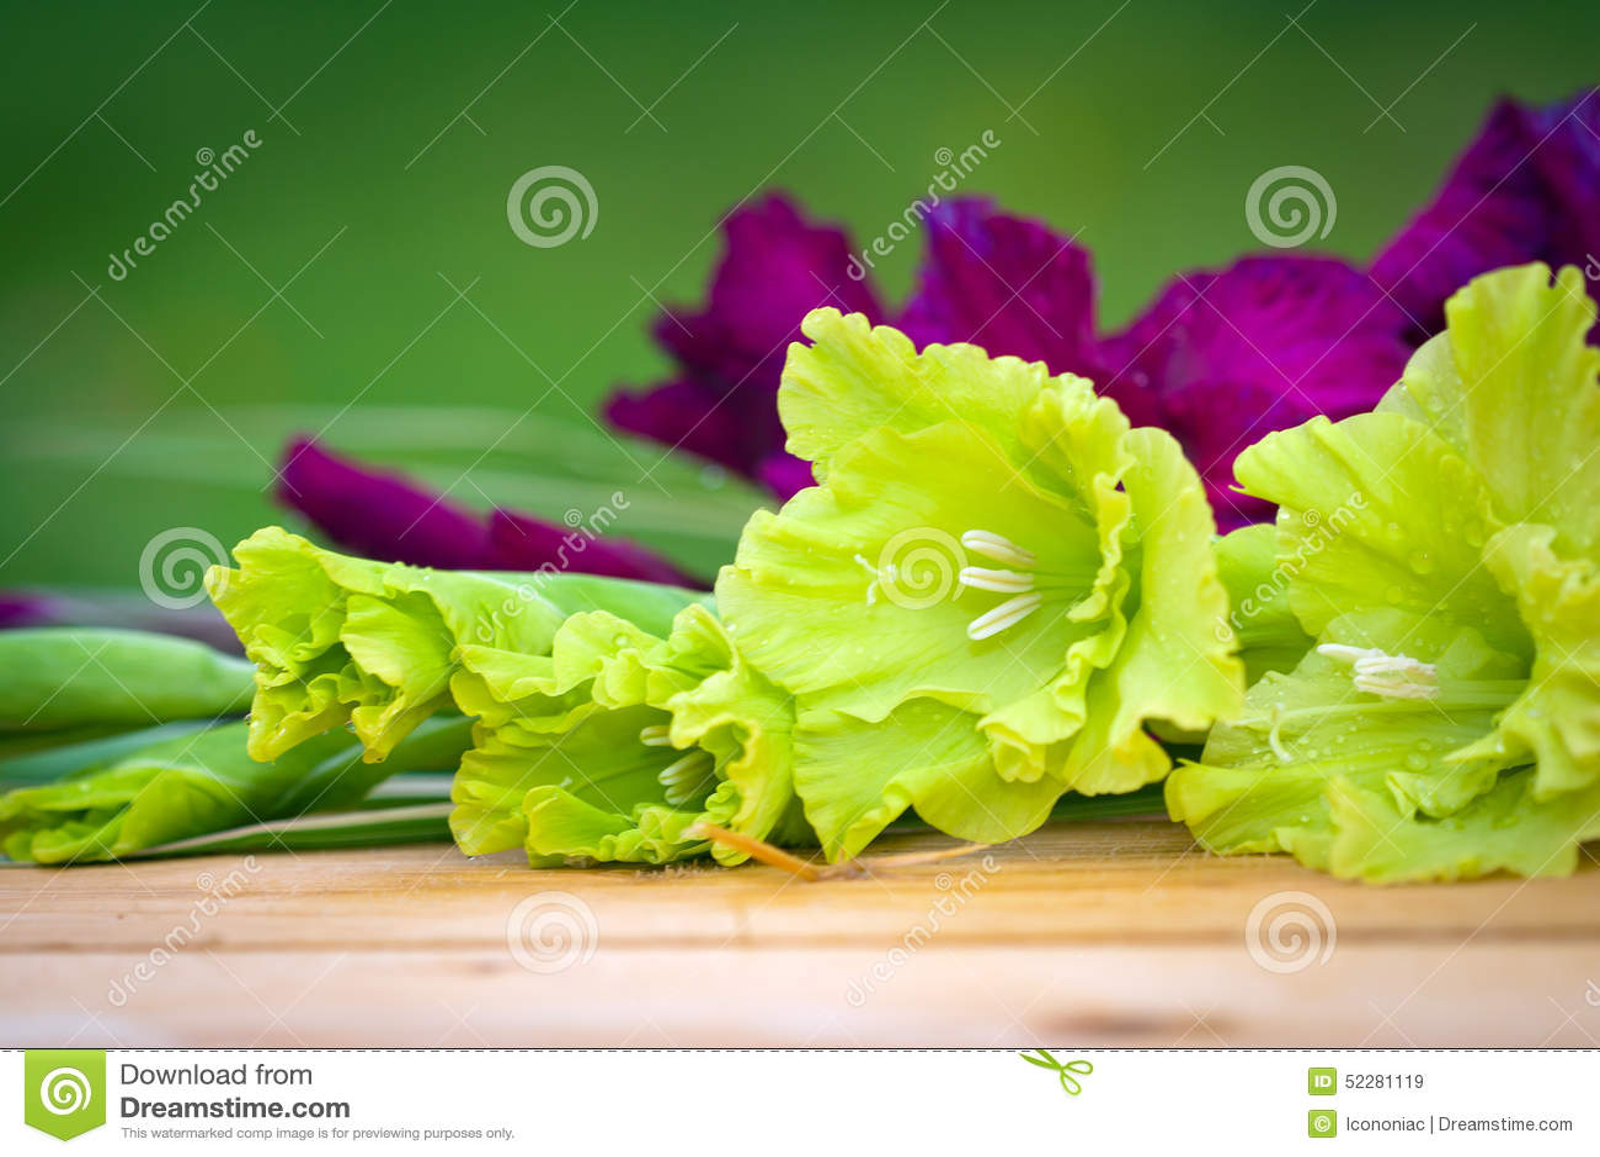 Fiori verdi e viola di gladioli fotografia stock for Fiori verdi